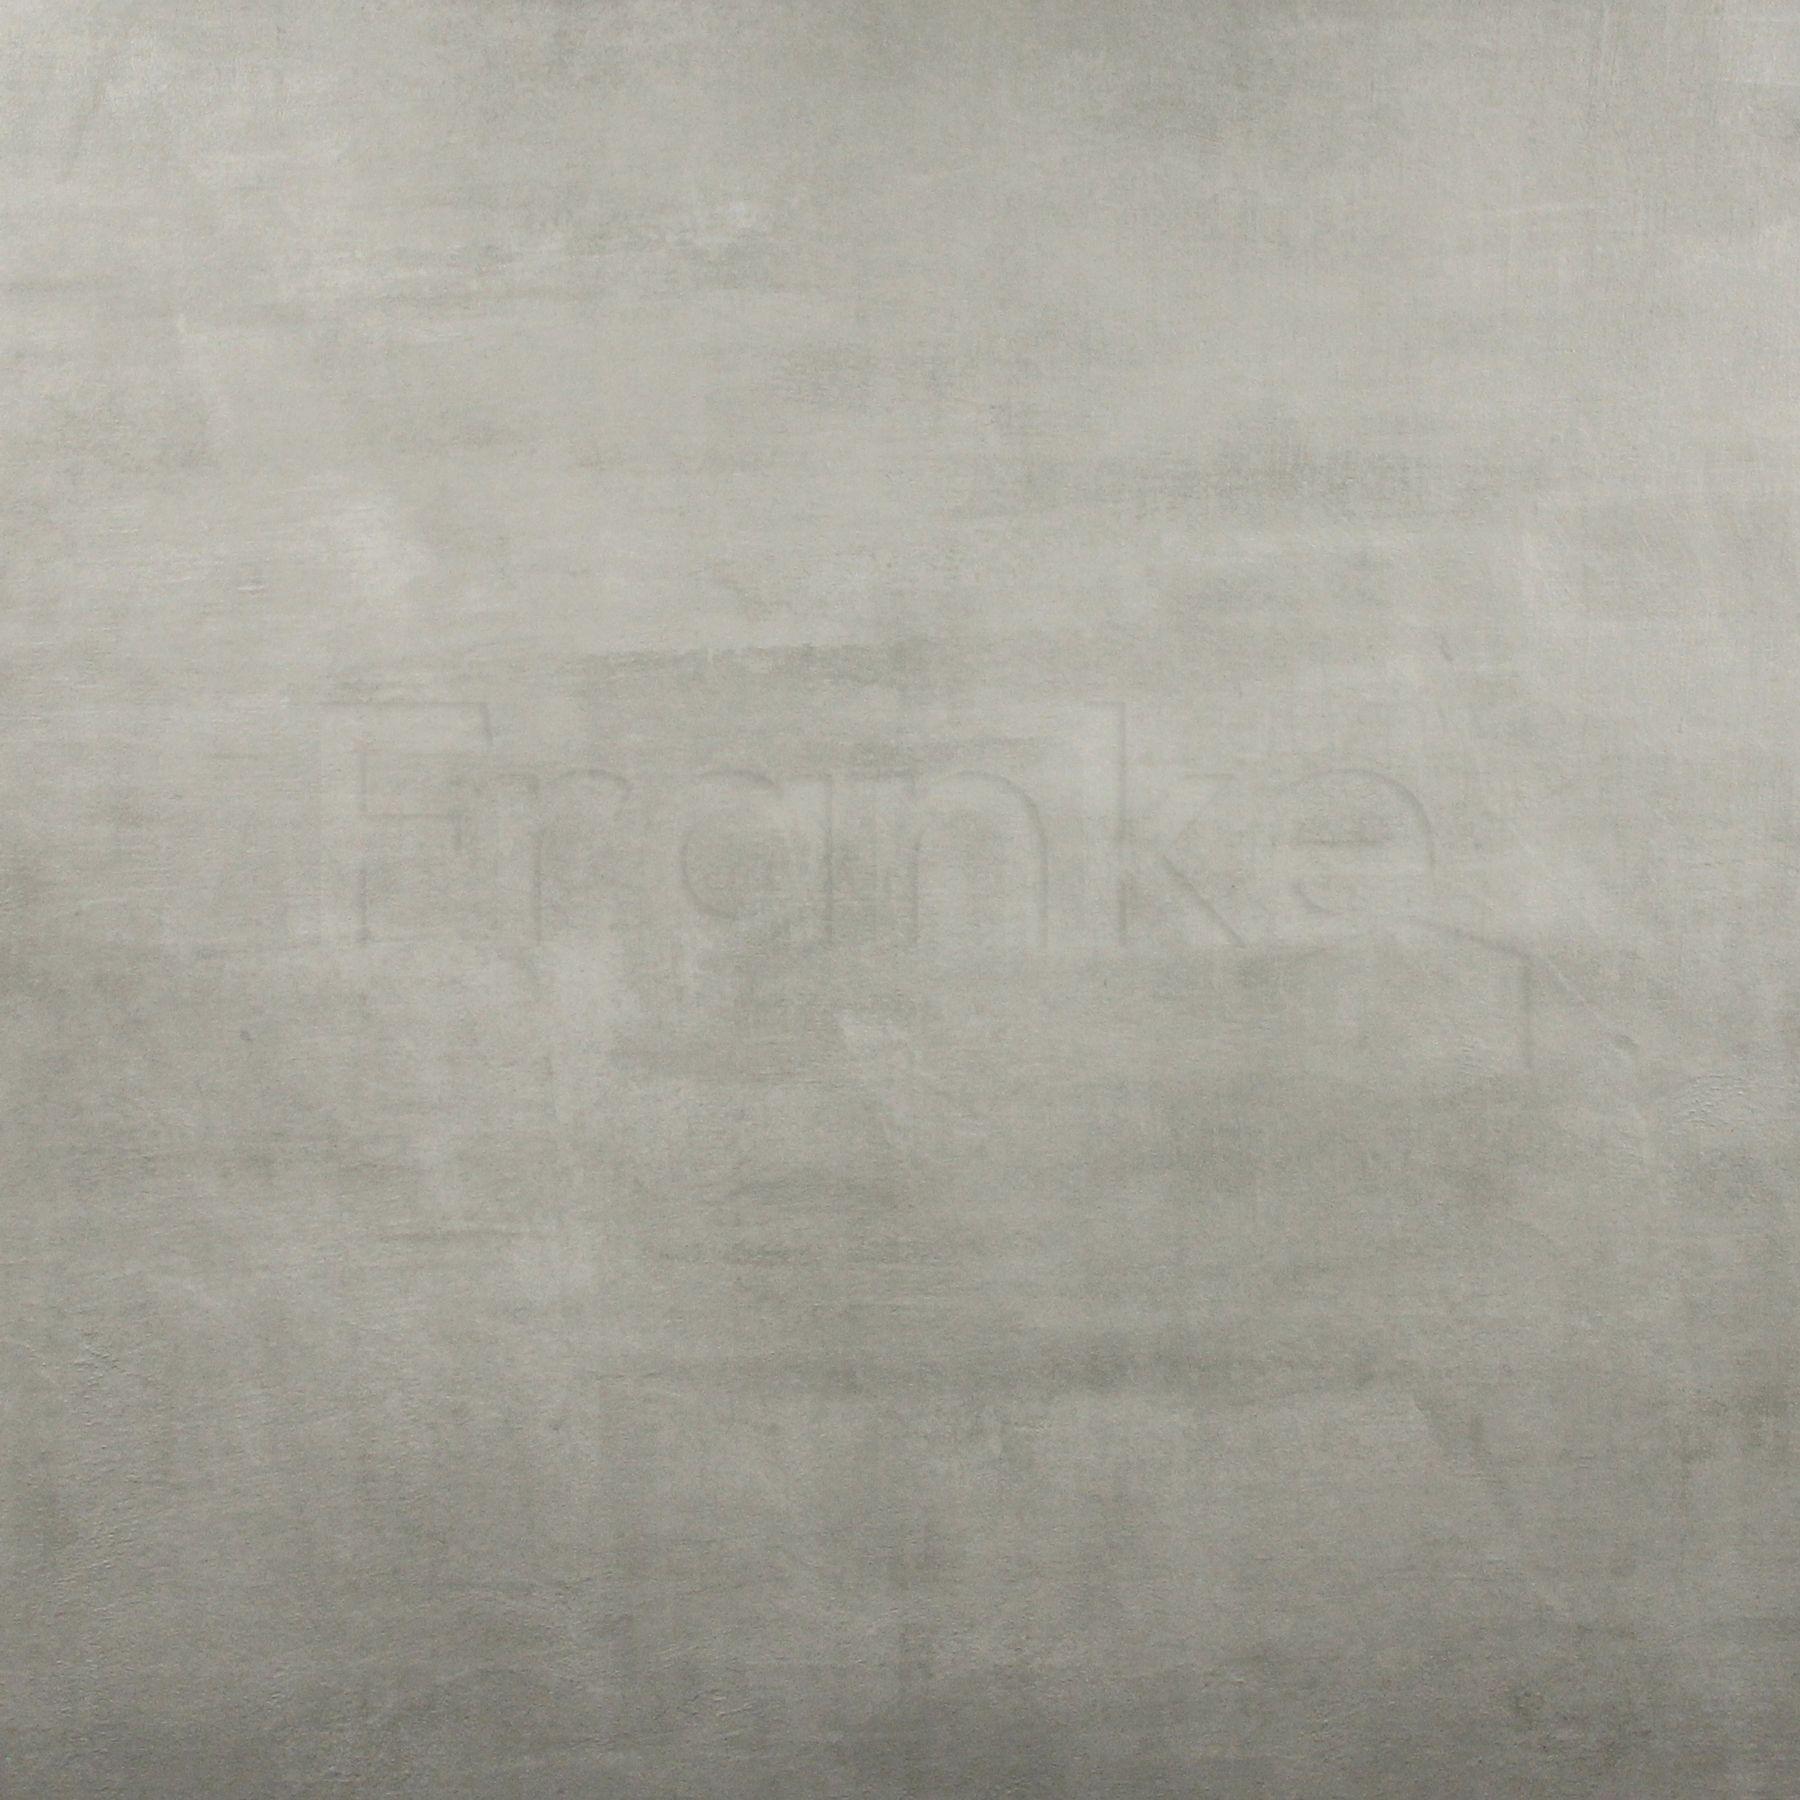 TopCollection, Beton Grigio 80x80cm Rett. Fliesen Betonoptik, Feinsteinzeug  Fliesen, Bodenfliesen, Farbgestaltung